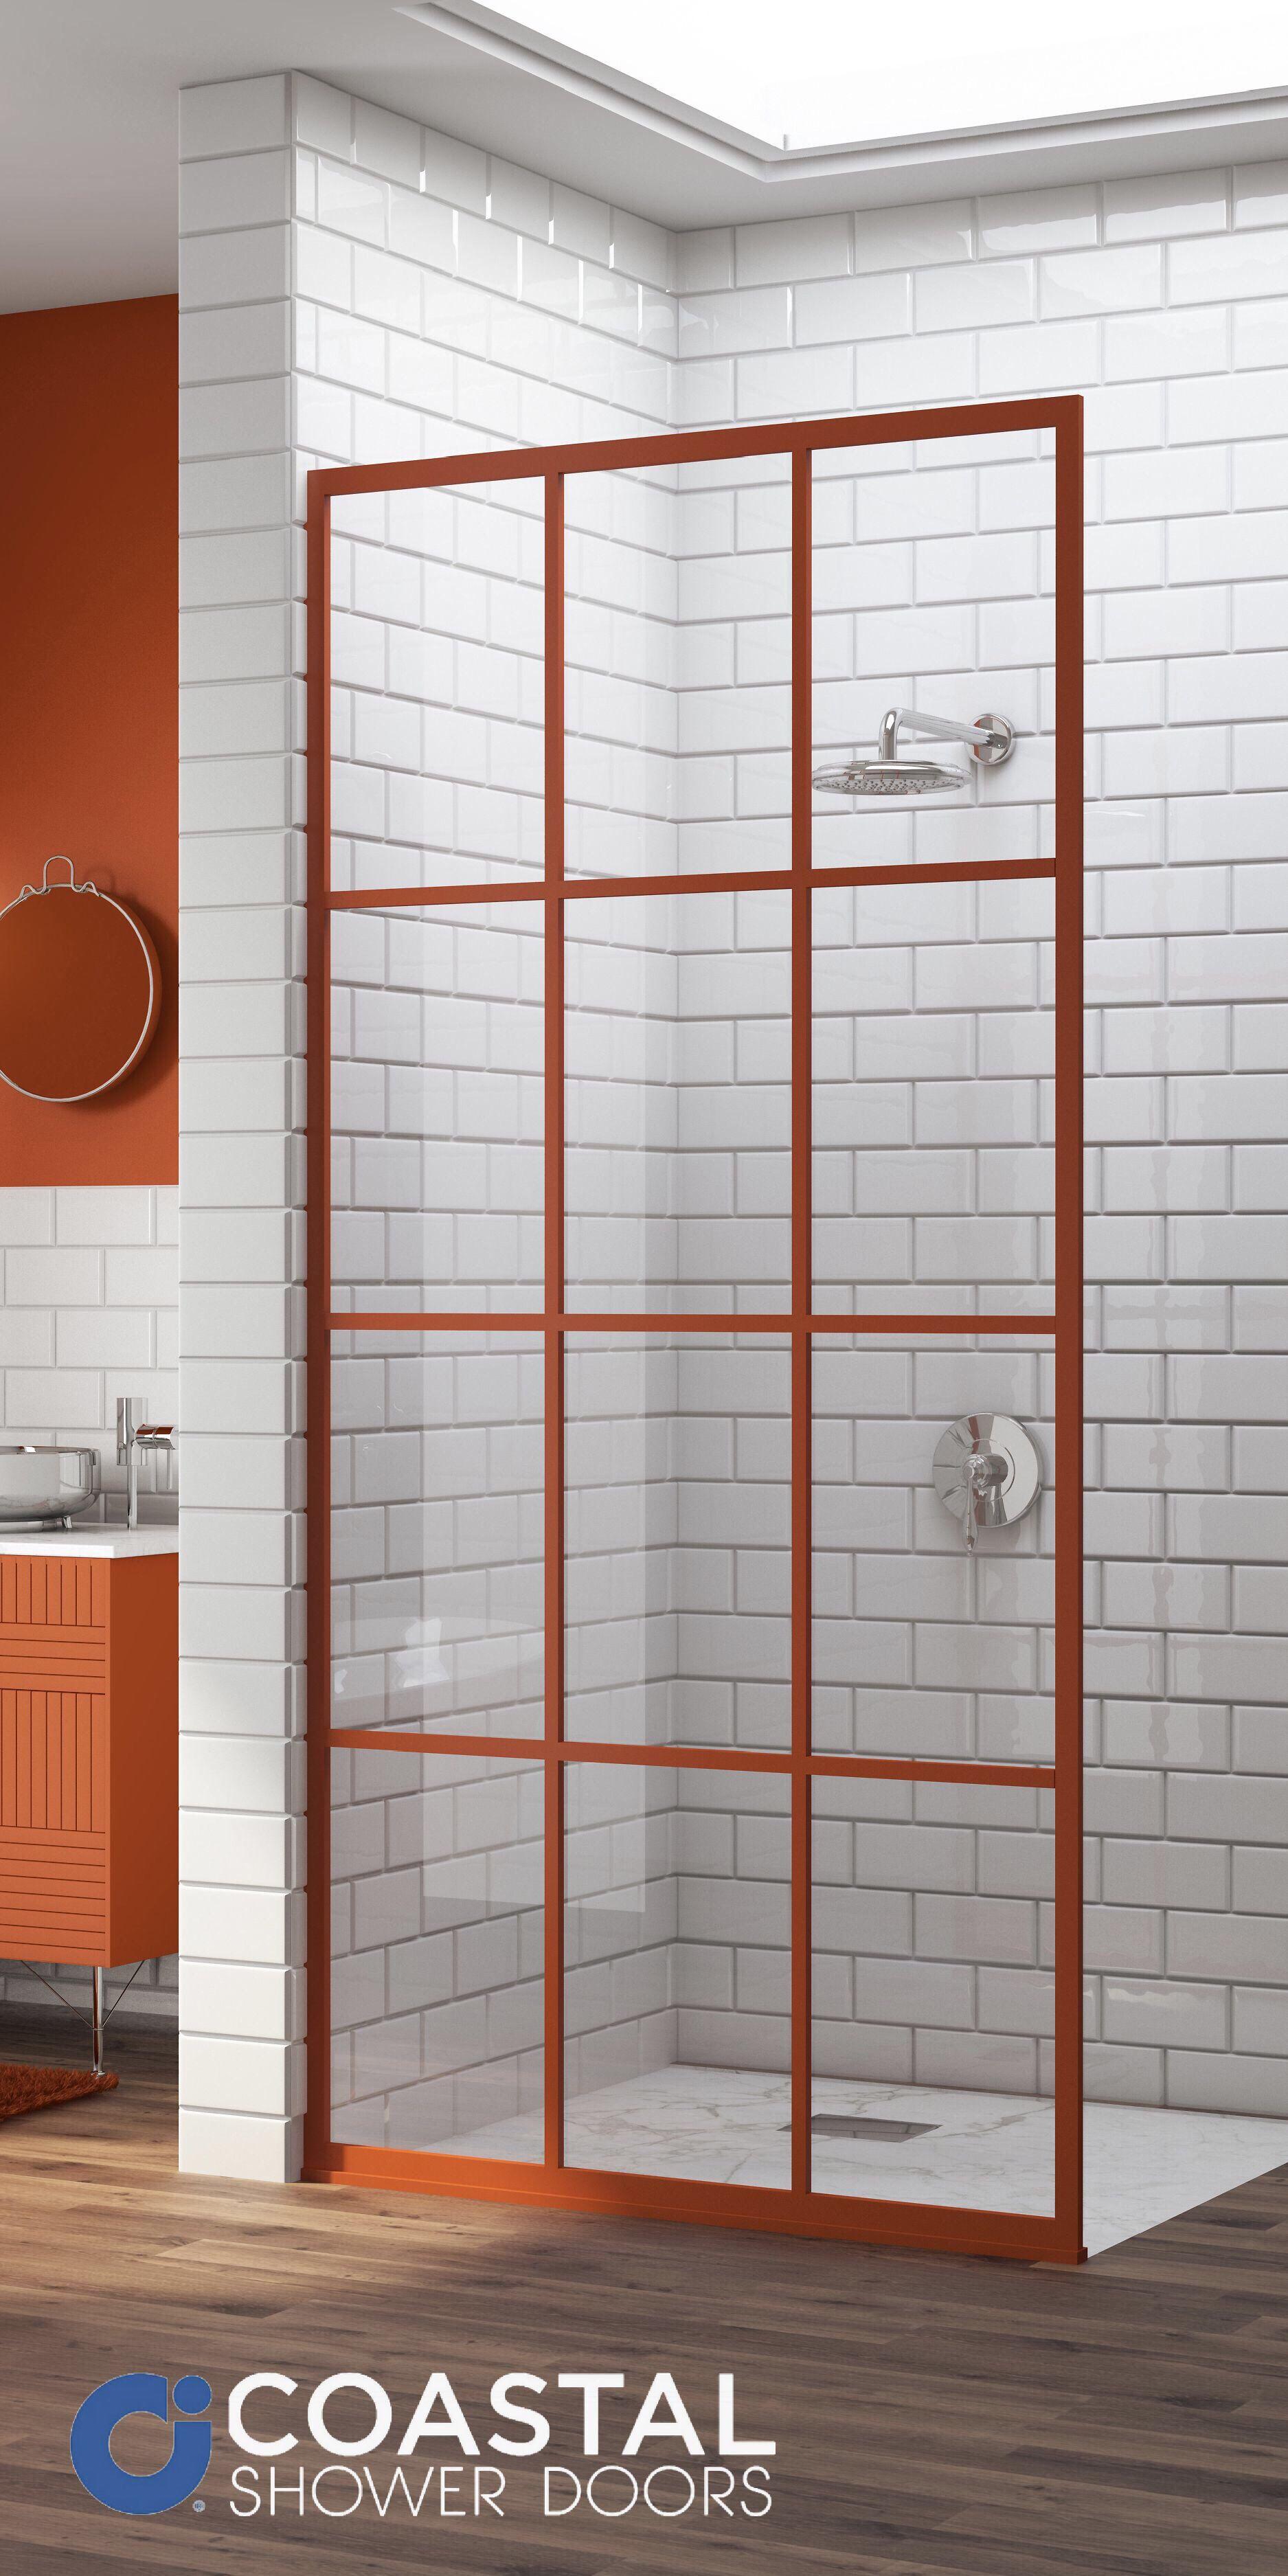 Gridscape Series Coastal Shower Doors Shower Doors Bathroom